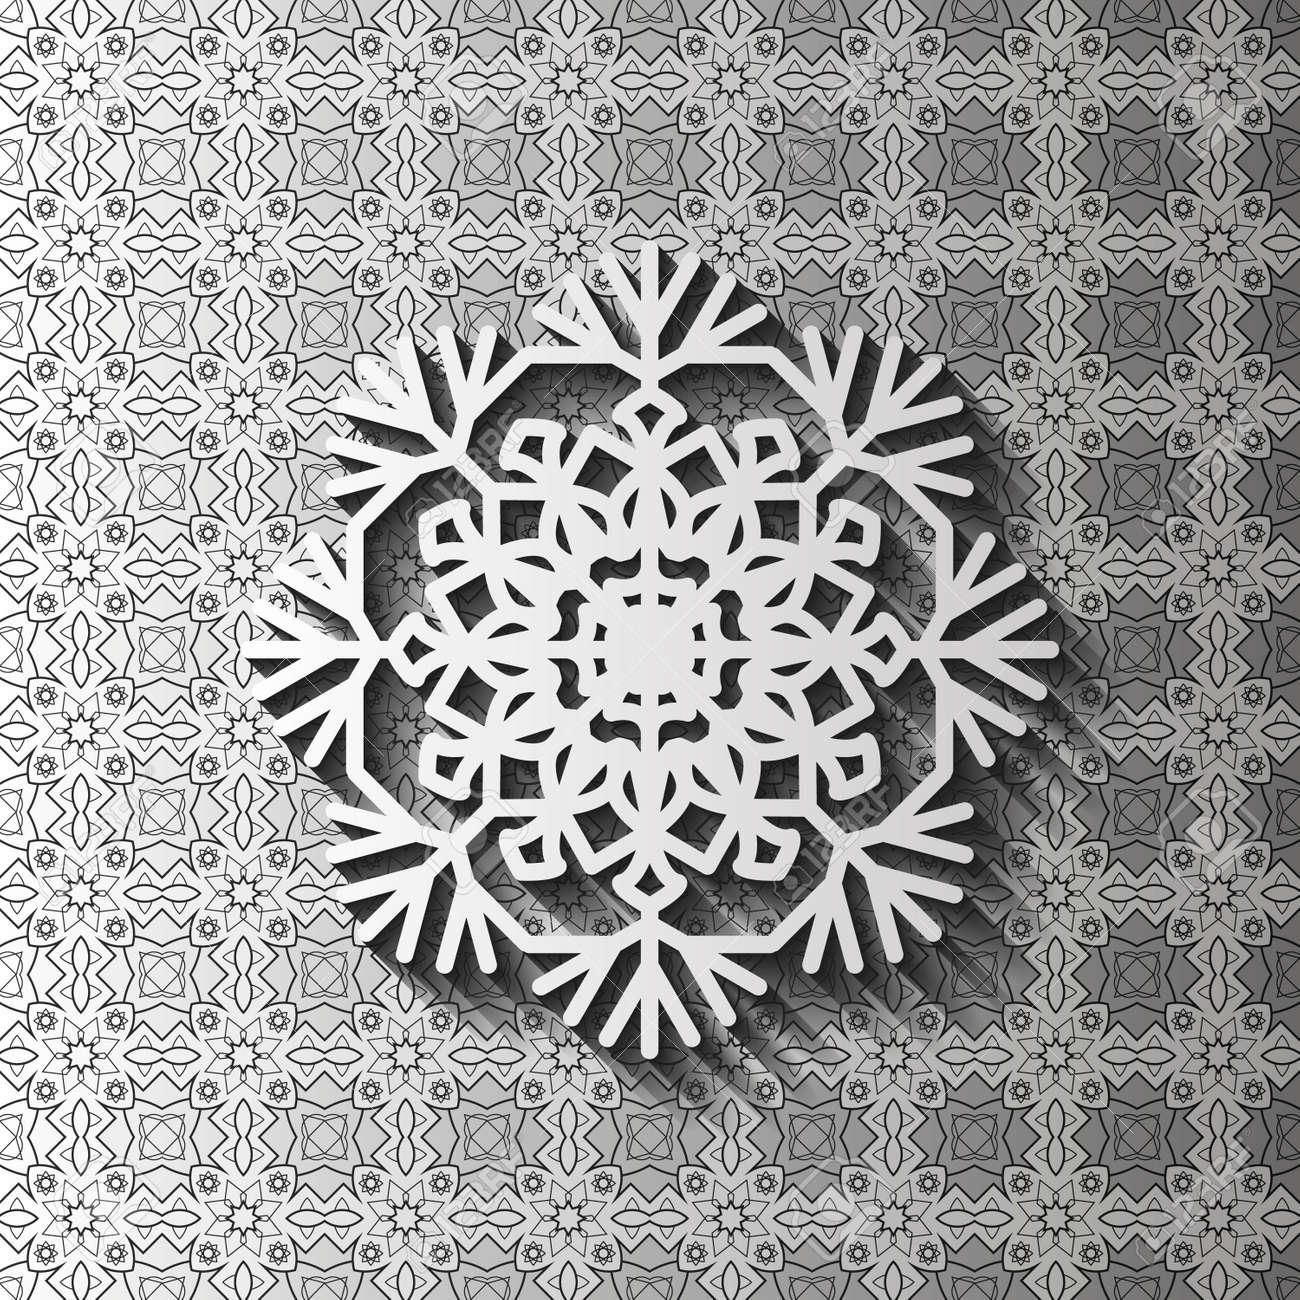 Tapete De Encaje De Papel, Copo De Nieve Decorativo, Ornamento árabe ...